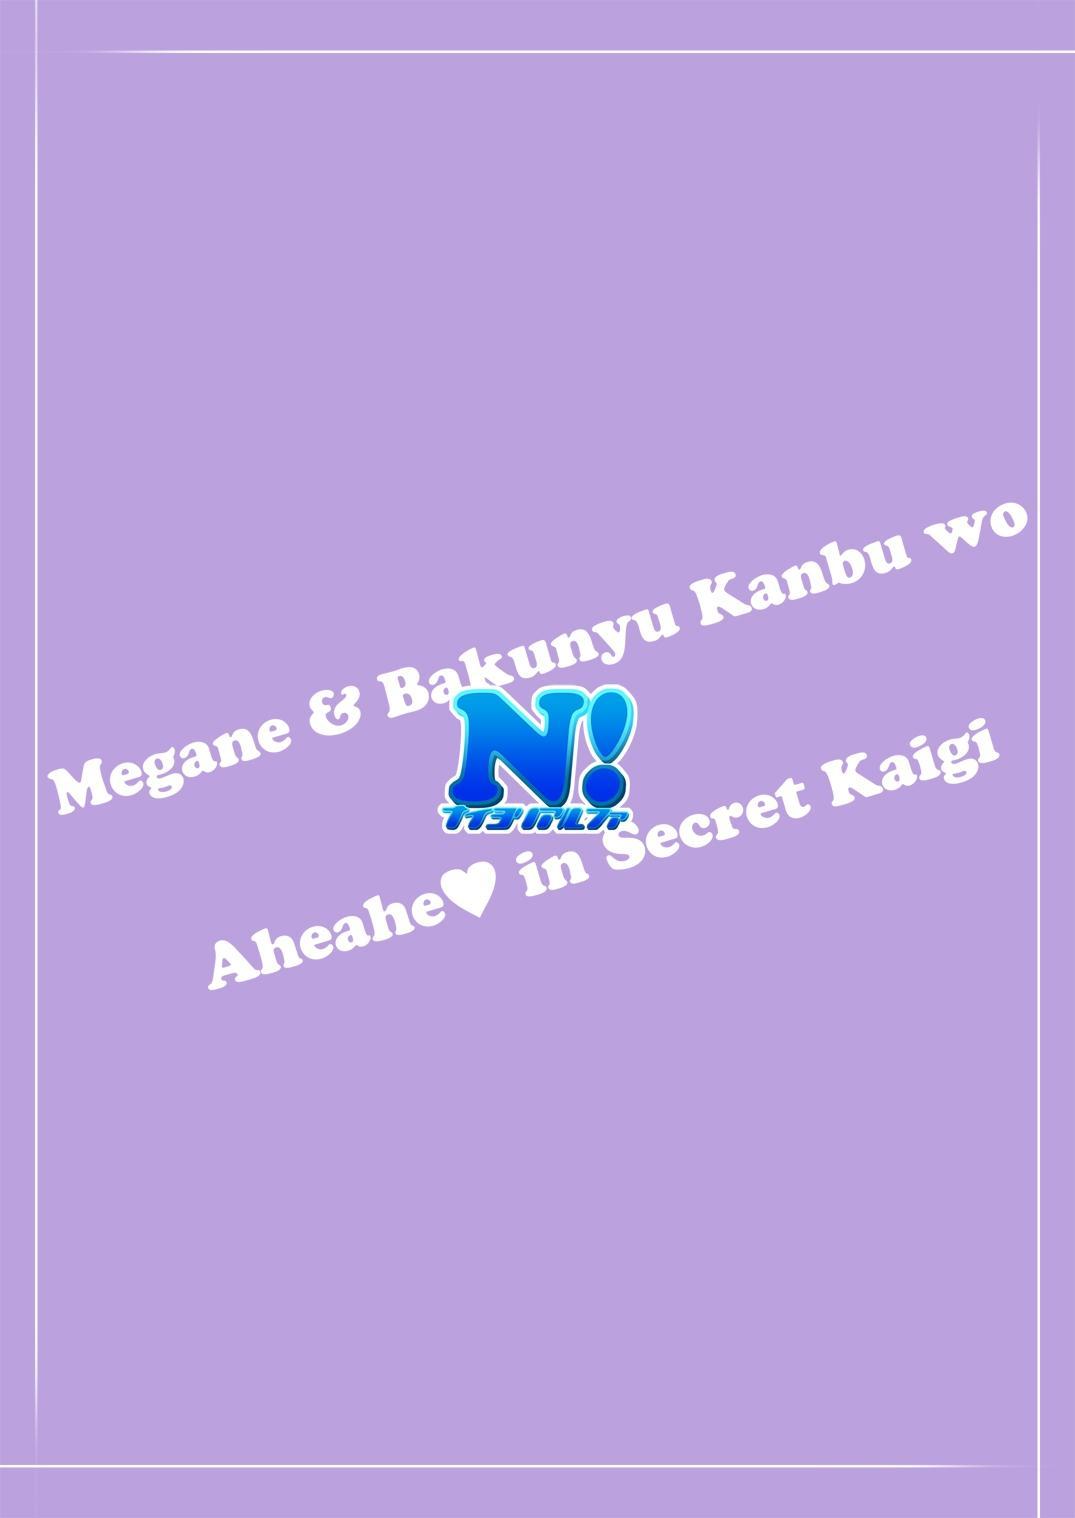 Megane de Bakunyuu no Kanbu o Himitsu Kaigi de Aheahe 39